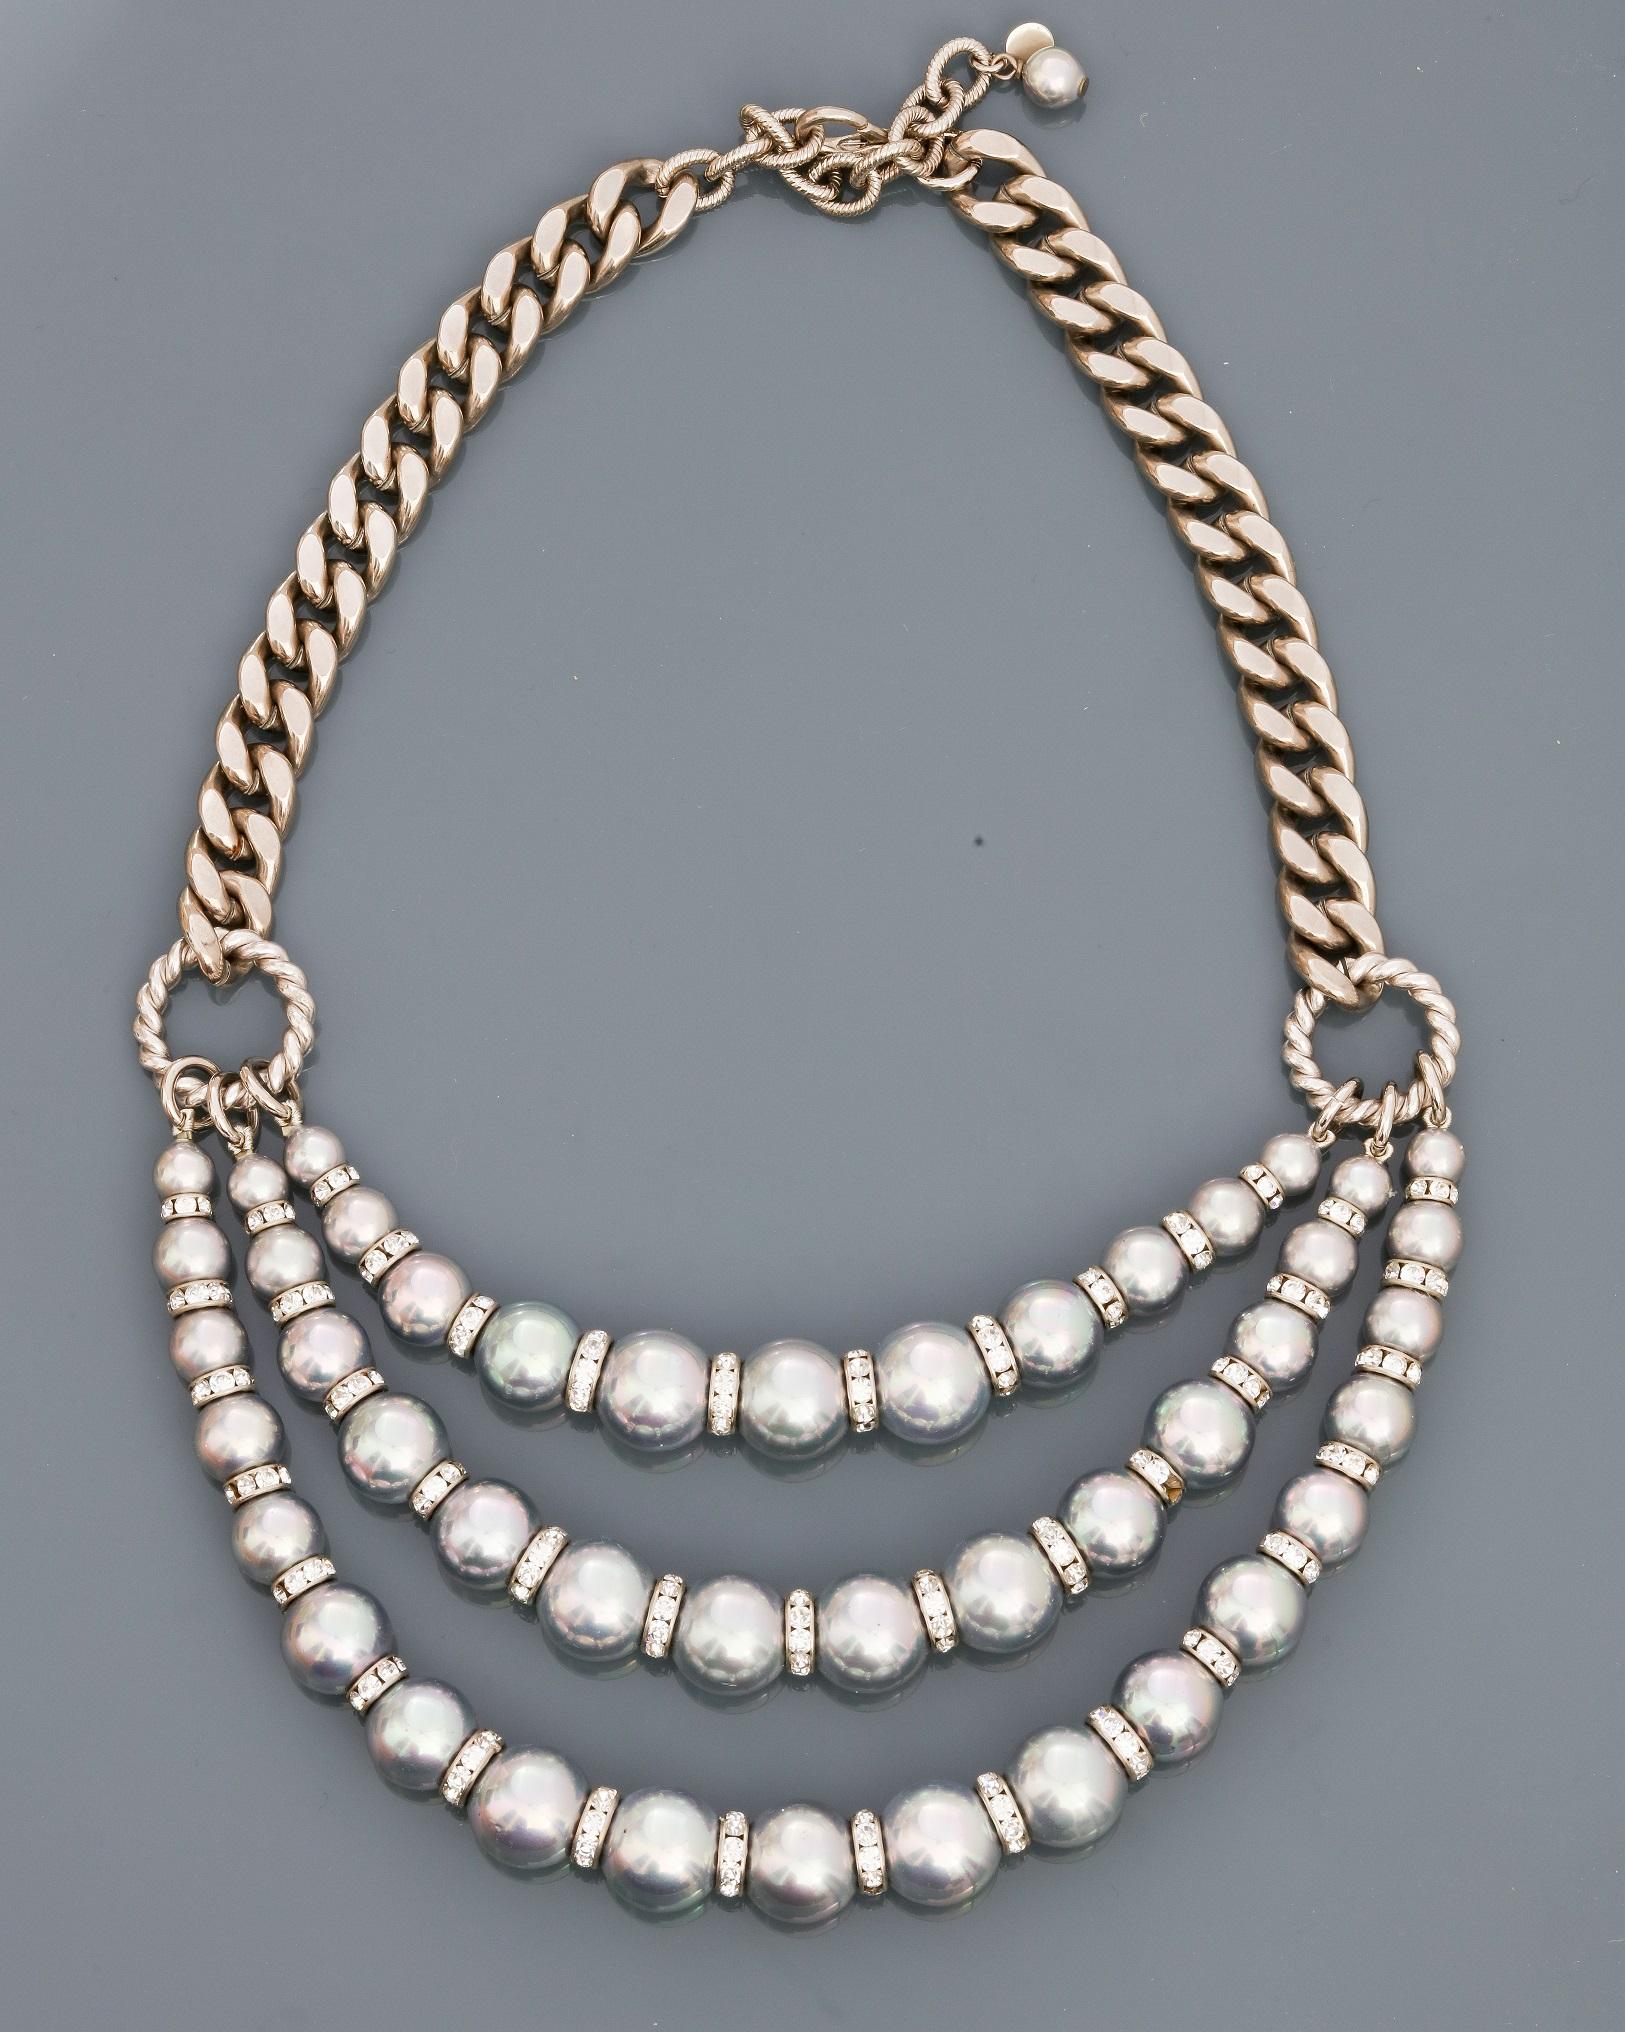 Françoise MONTAGUE, Collier formé d'une chaîne plate en métal rhodié portant [...]